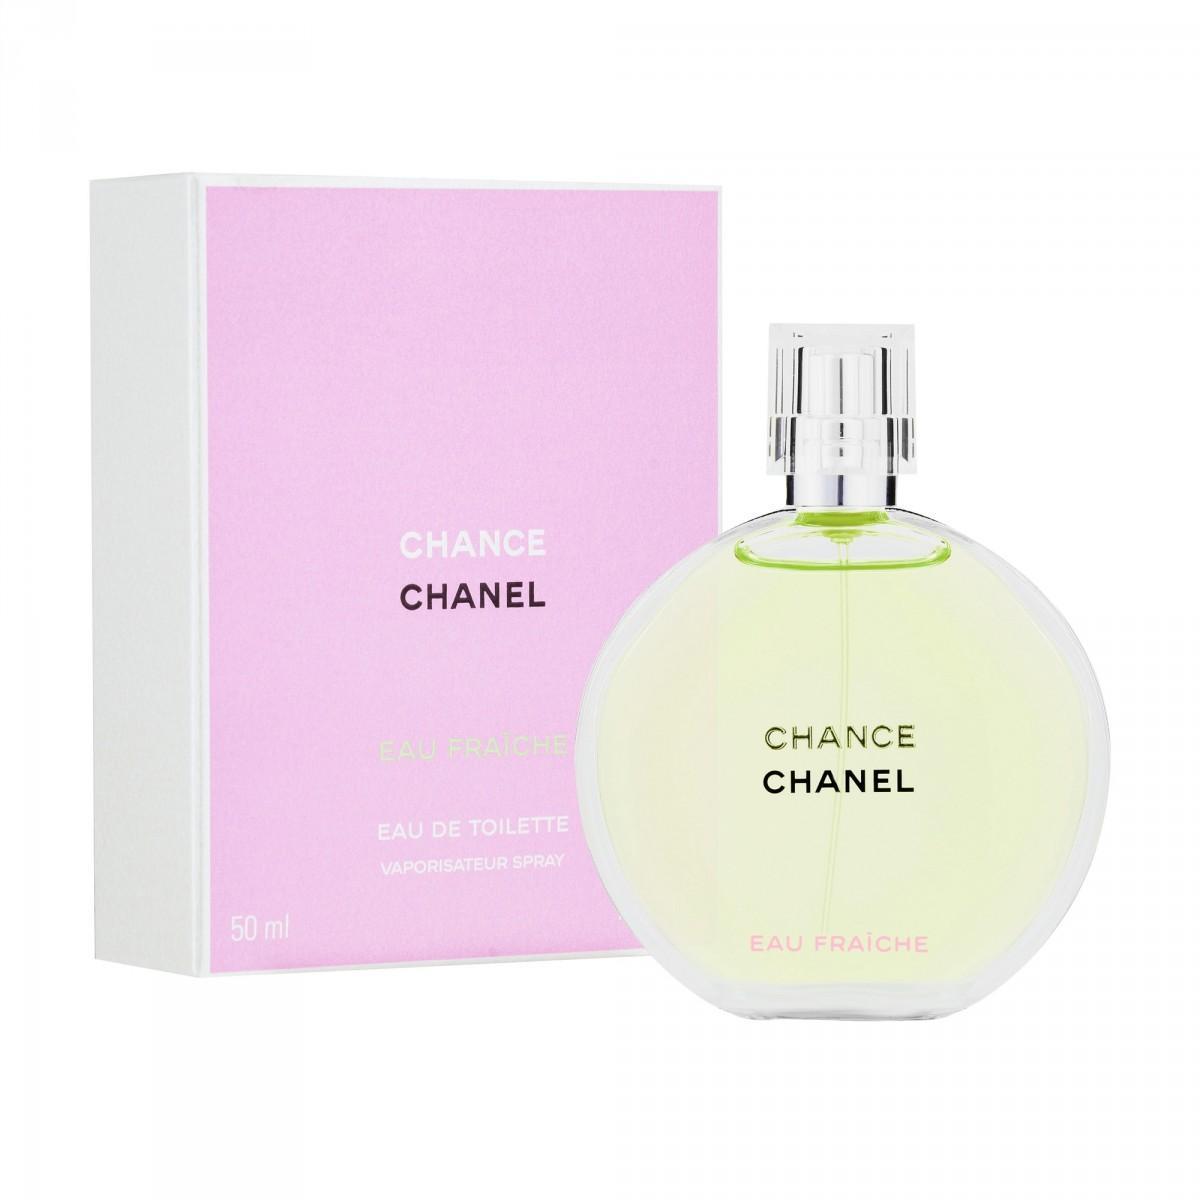 e9f53112e Chance Eau Fraiche. précédent. suivant. Chanel